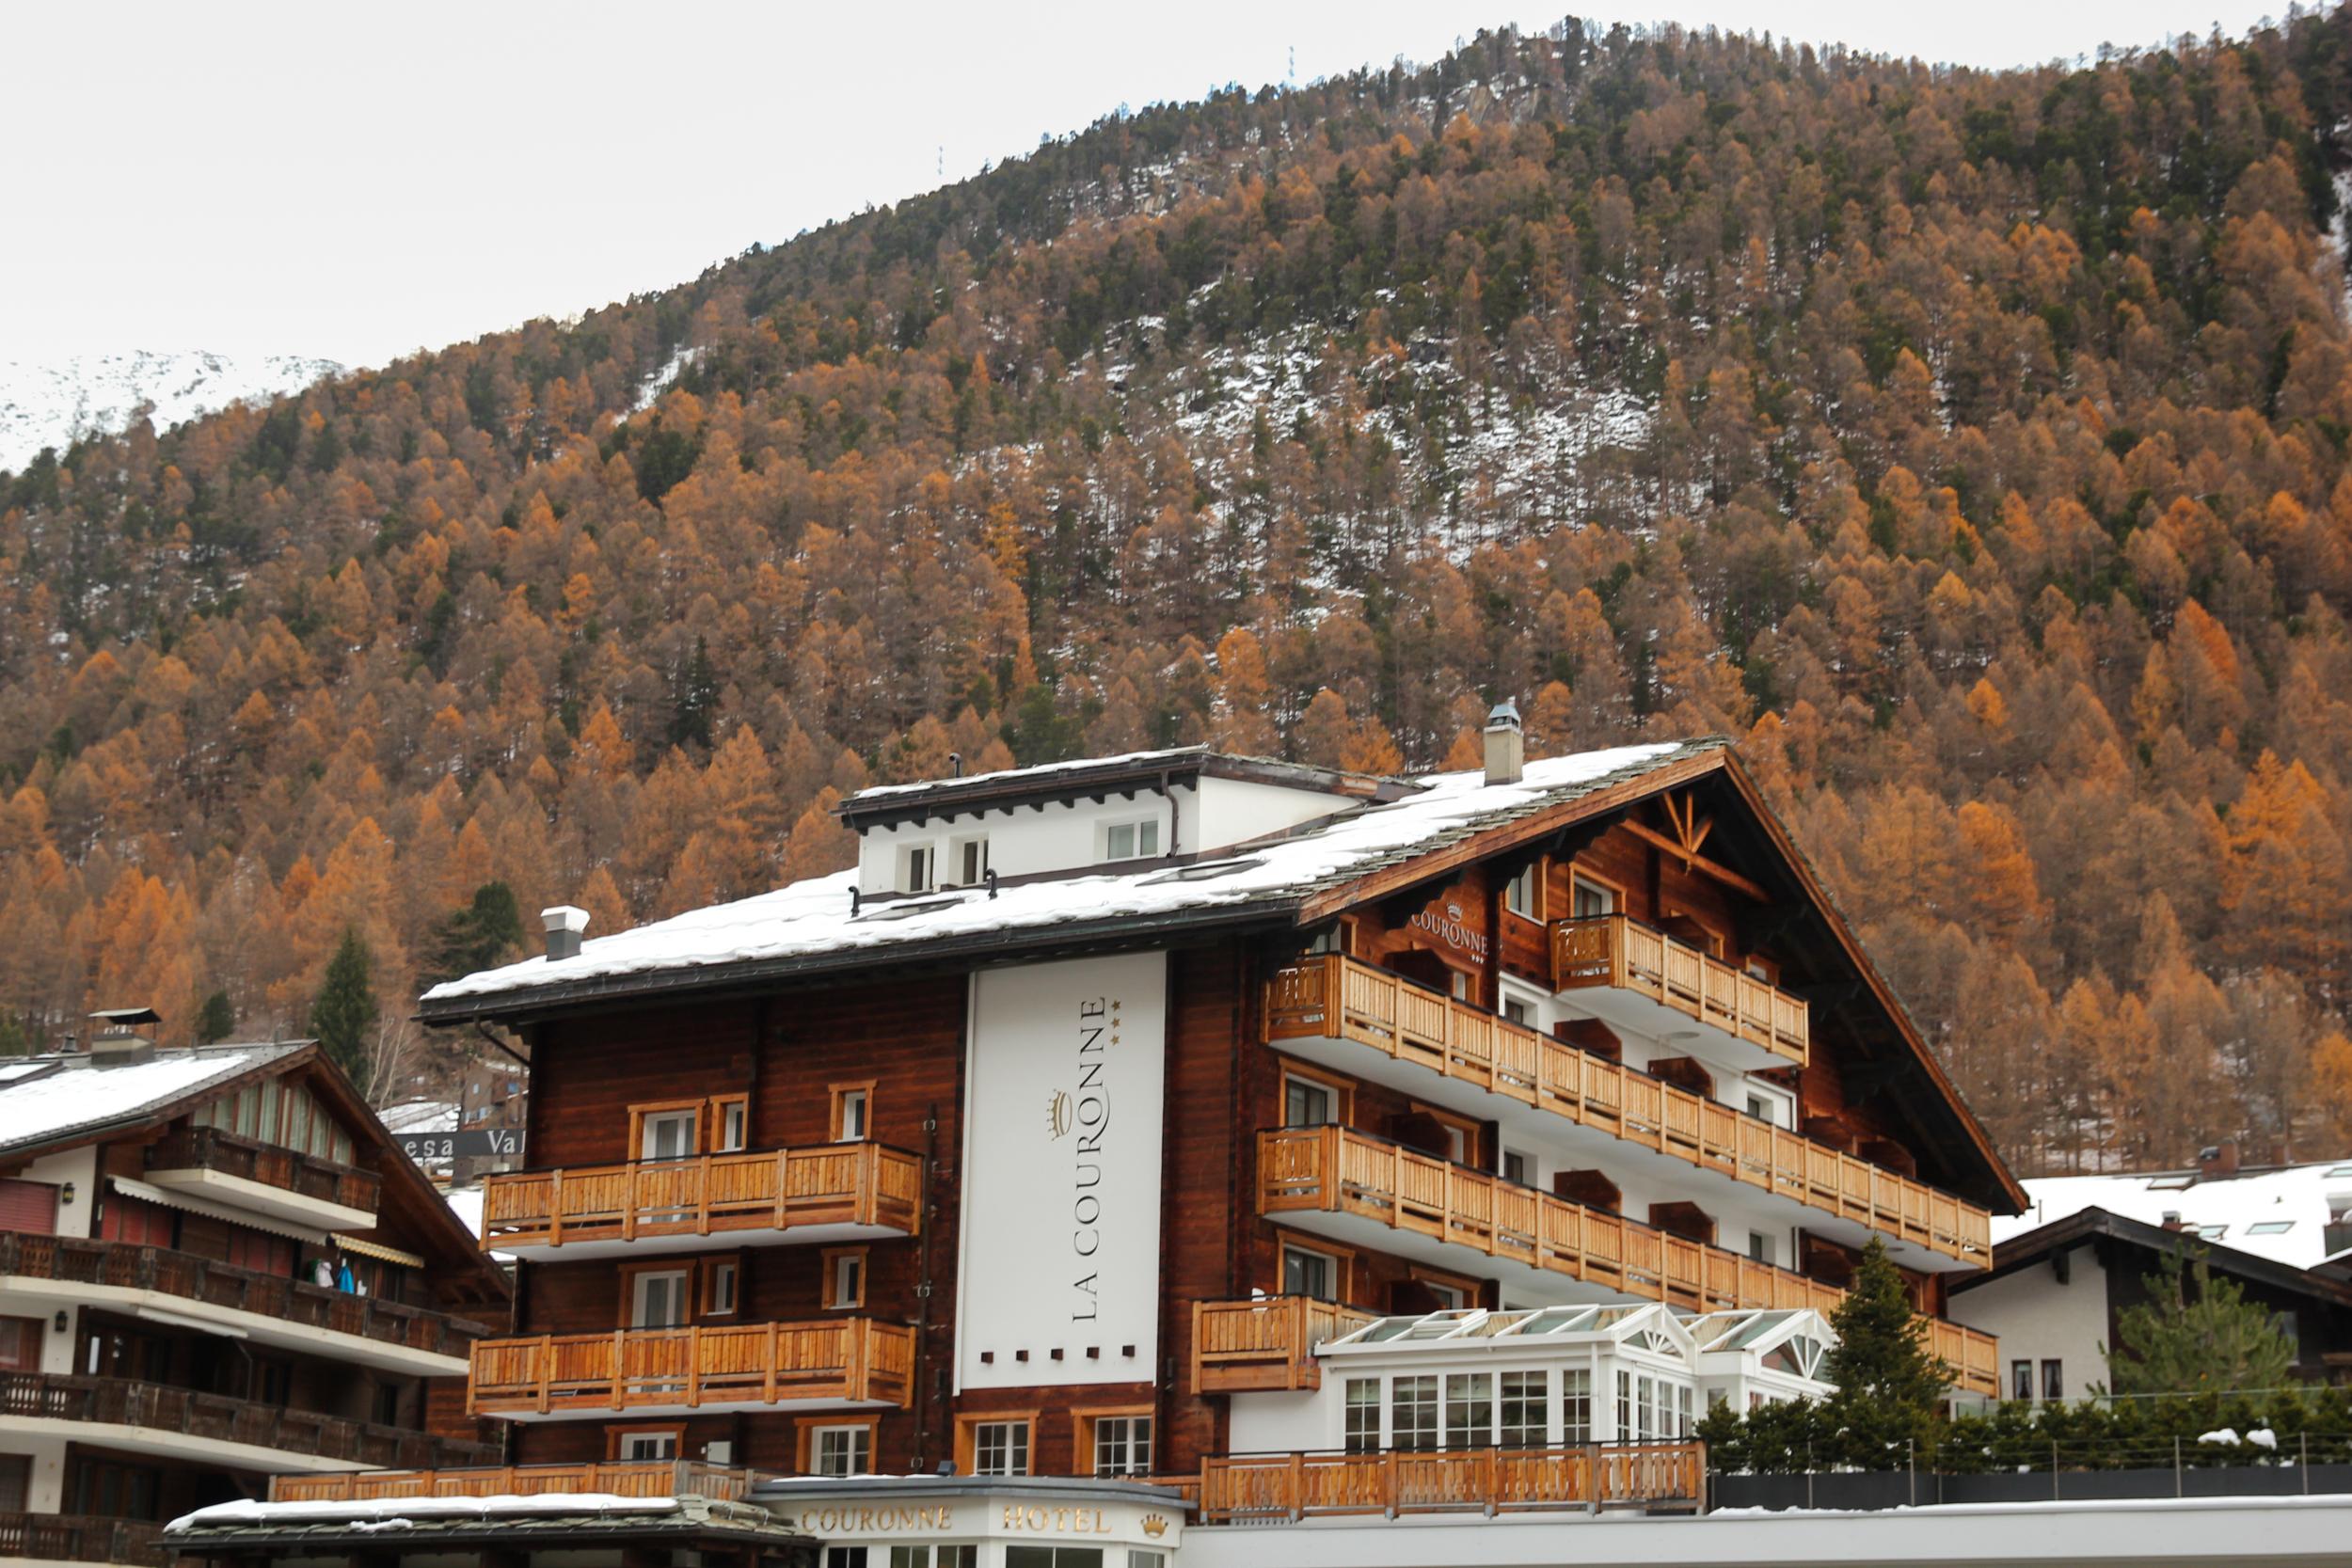 Hotel La Couronne Zermatt